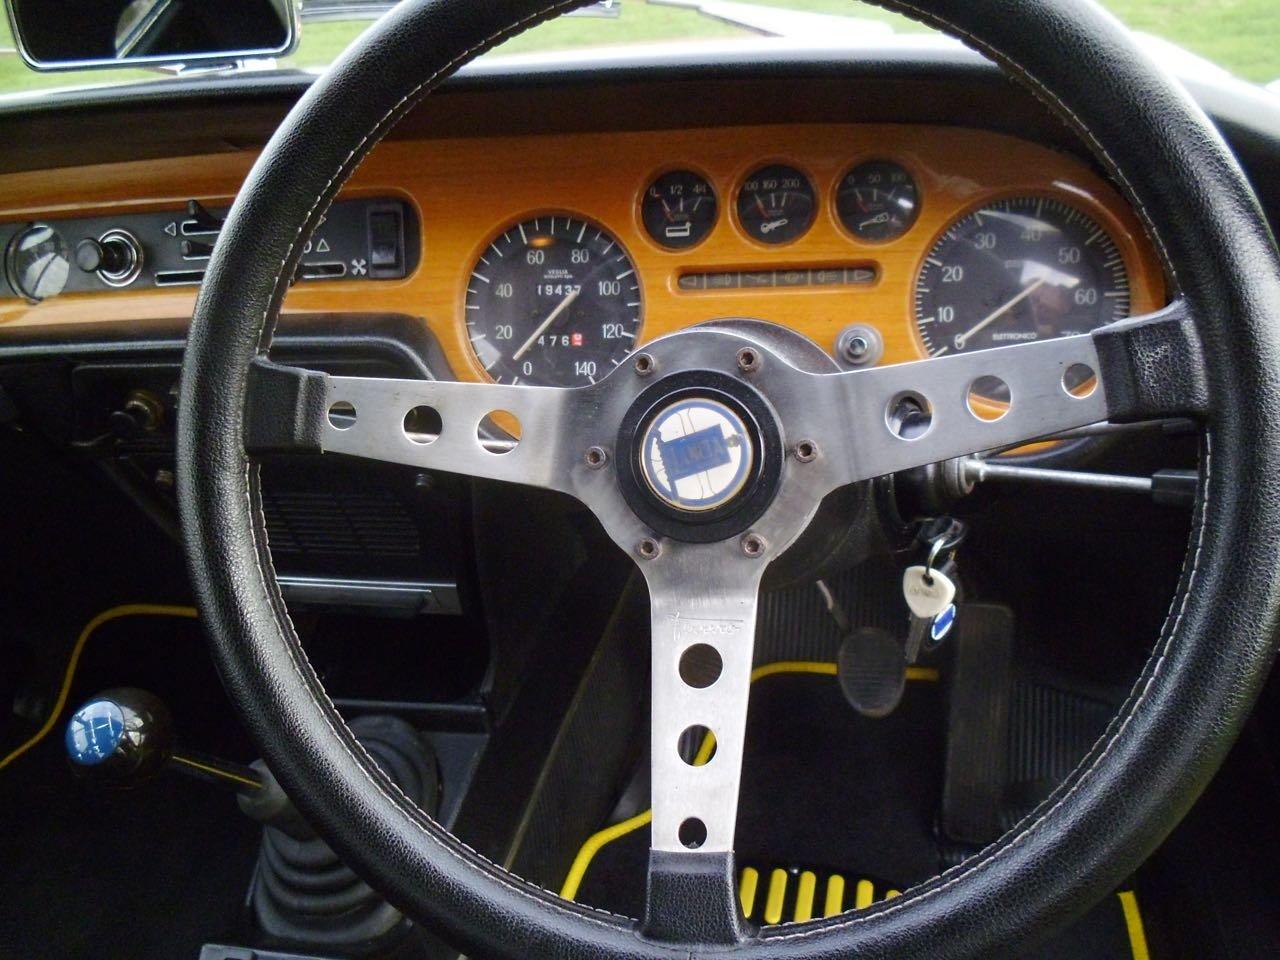 1972 Lancia Fulvia 1.6 HF Zagato Sport right hand drive SOLD (picture 6 of 6)